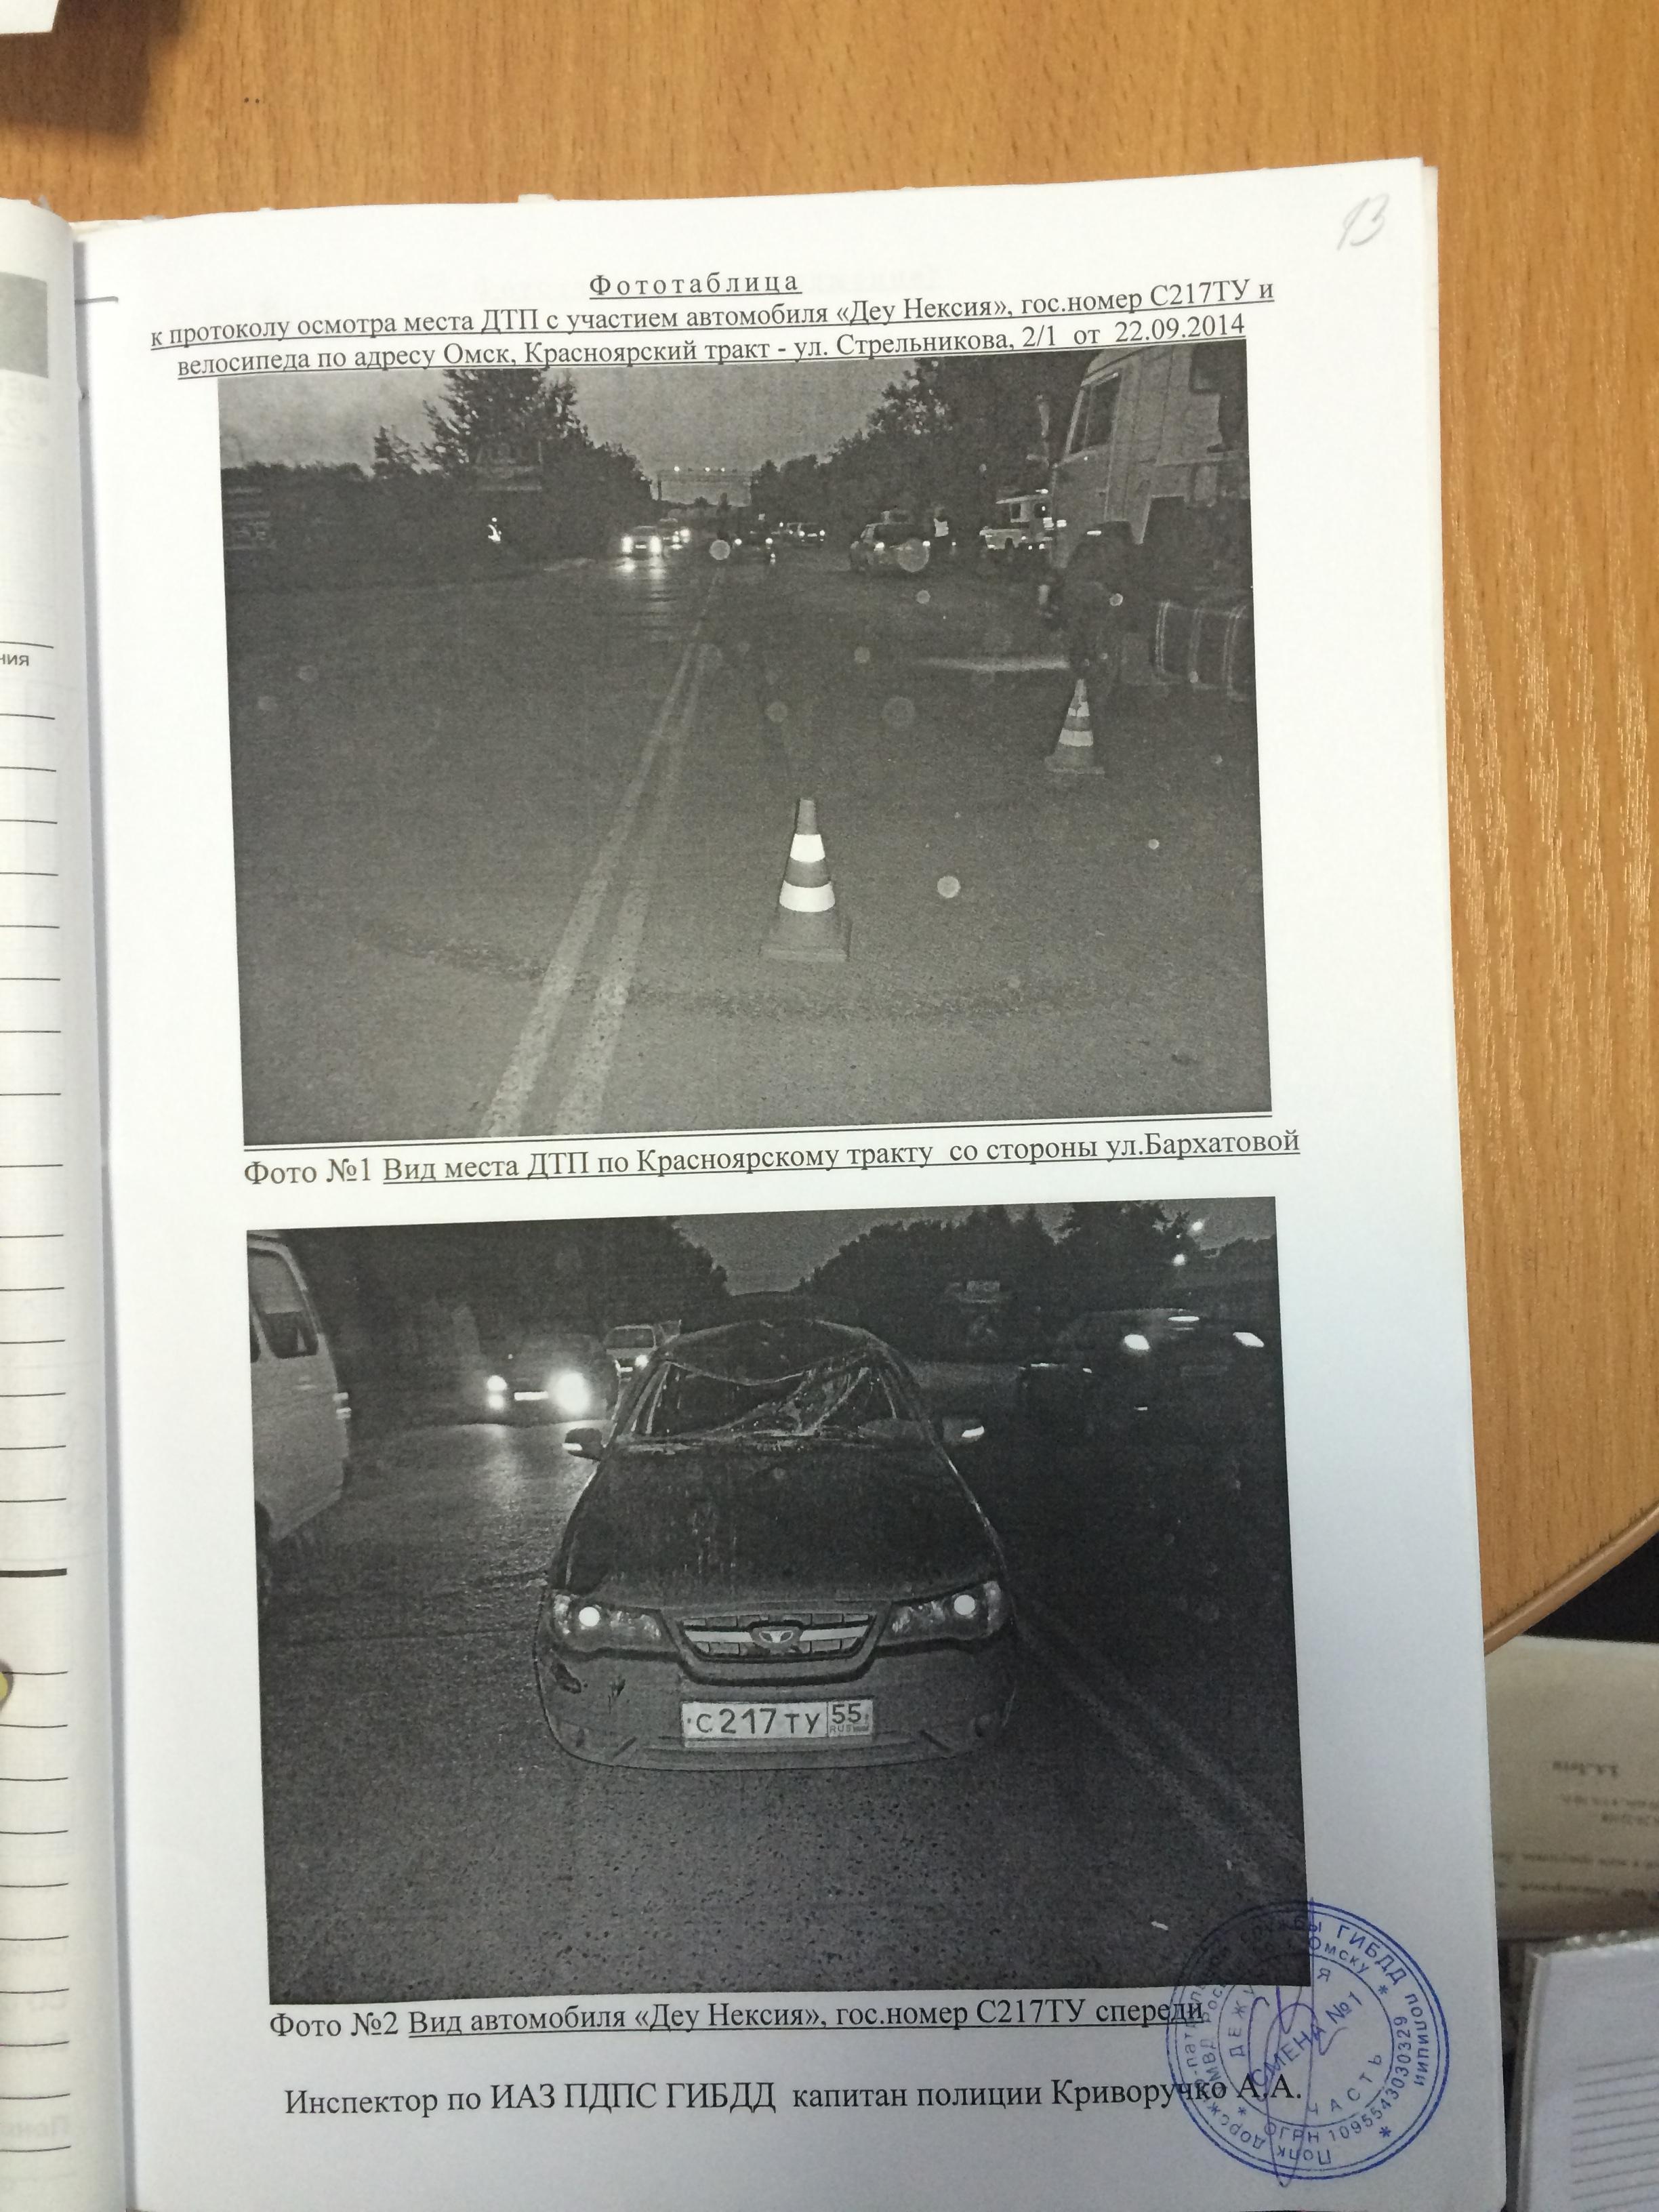 криминалистика фототаблица гаража отвердевания фотополимерные